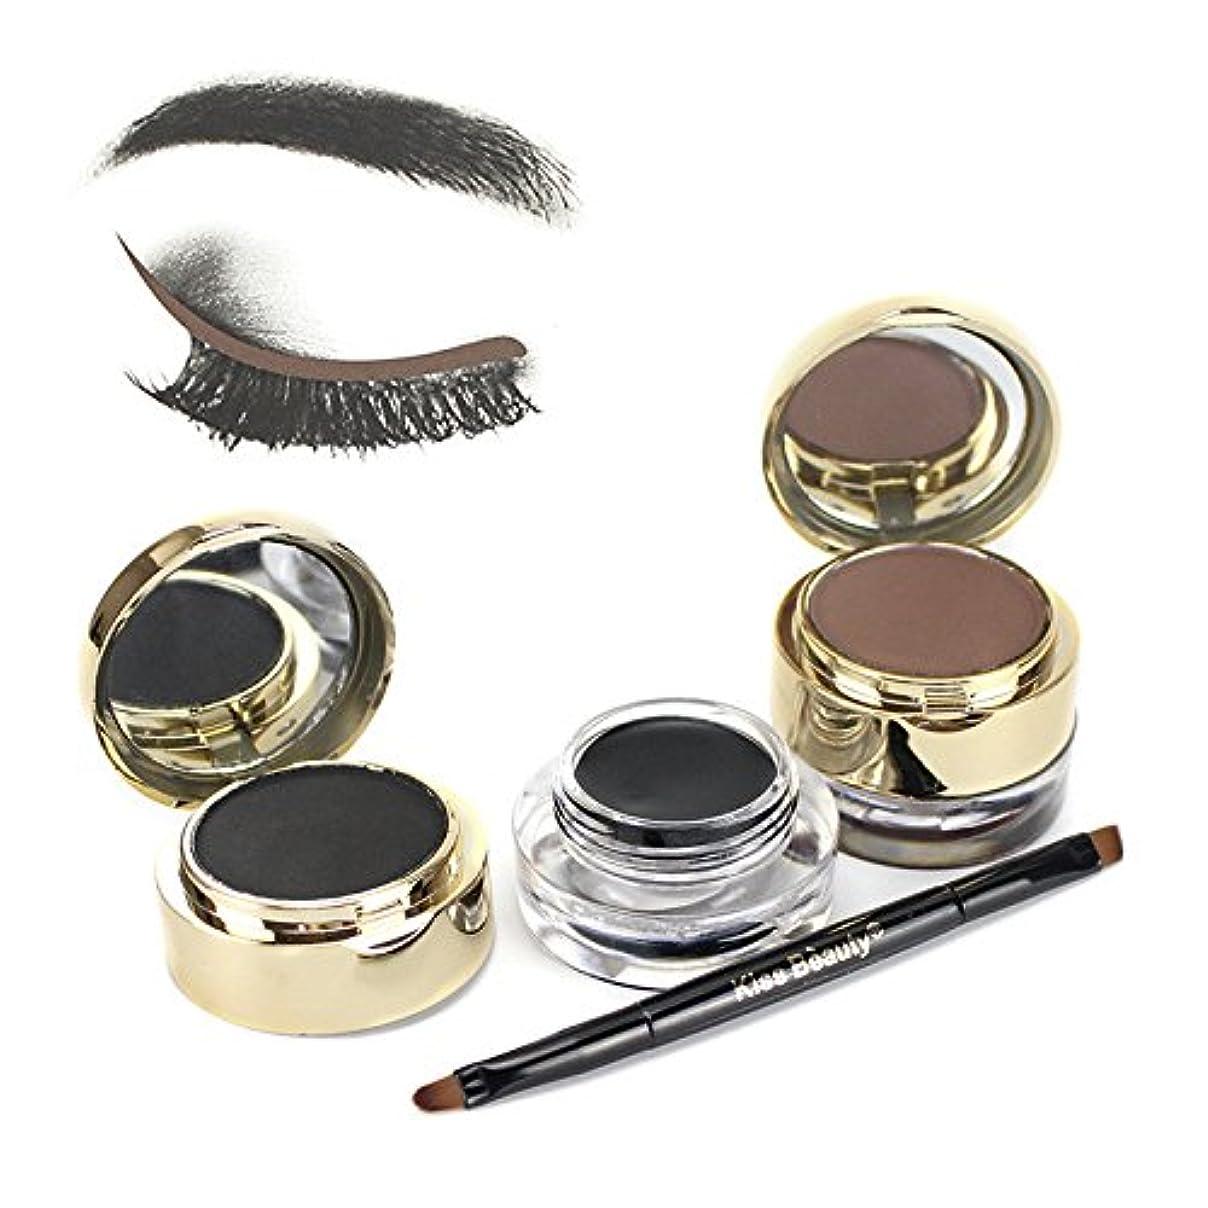 あいさつディレクター劣る二重色の化粧品の粉の煙のようなアイシャドウパレットの構造の一定の目